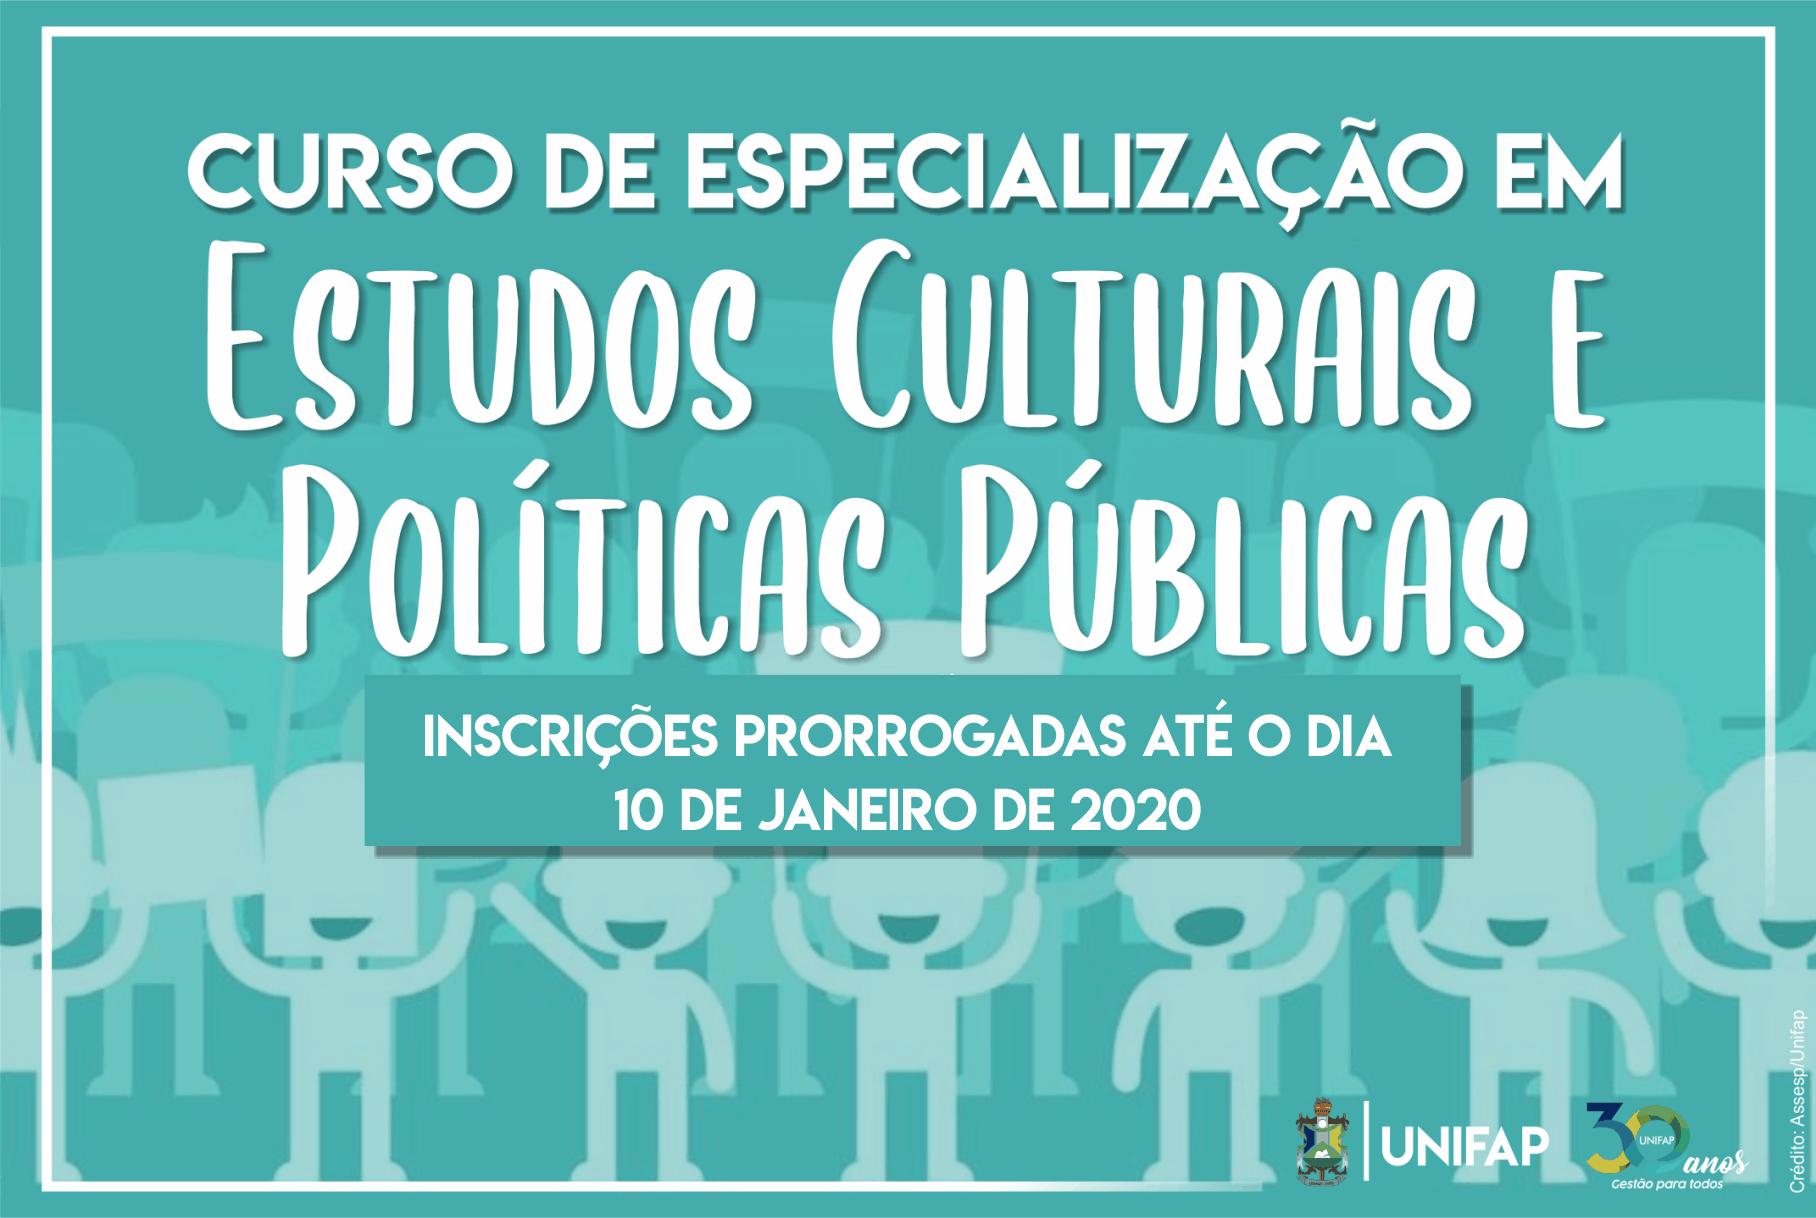 Especialização em Estudos Culturais e Políticas Públicas prorroga inscrições